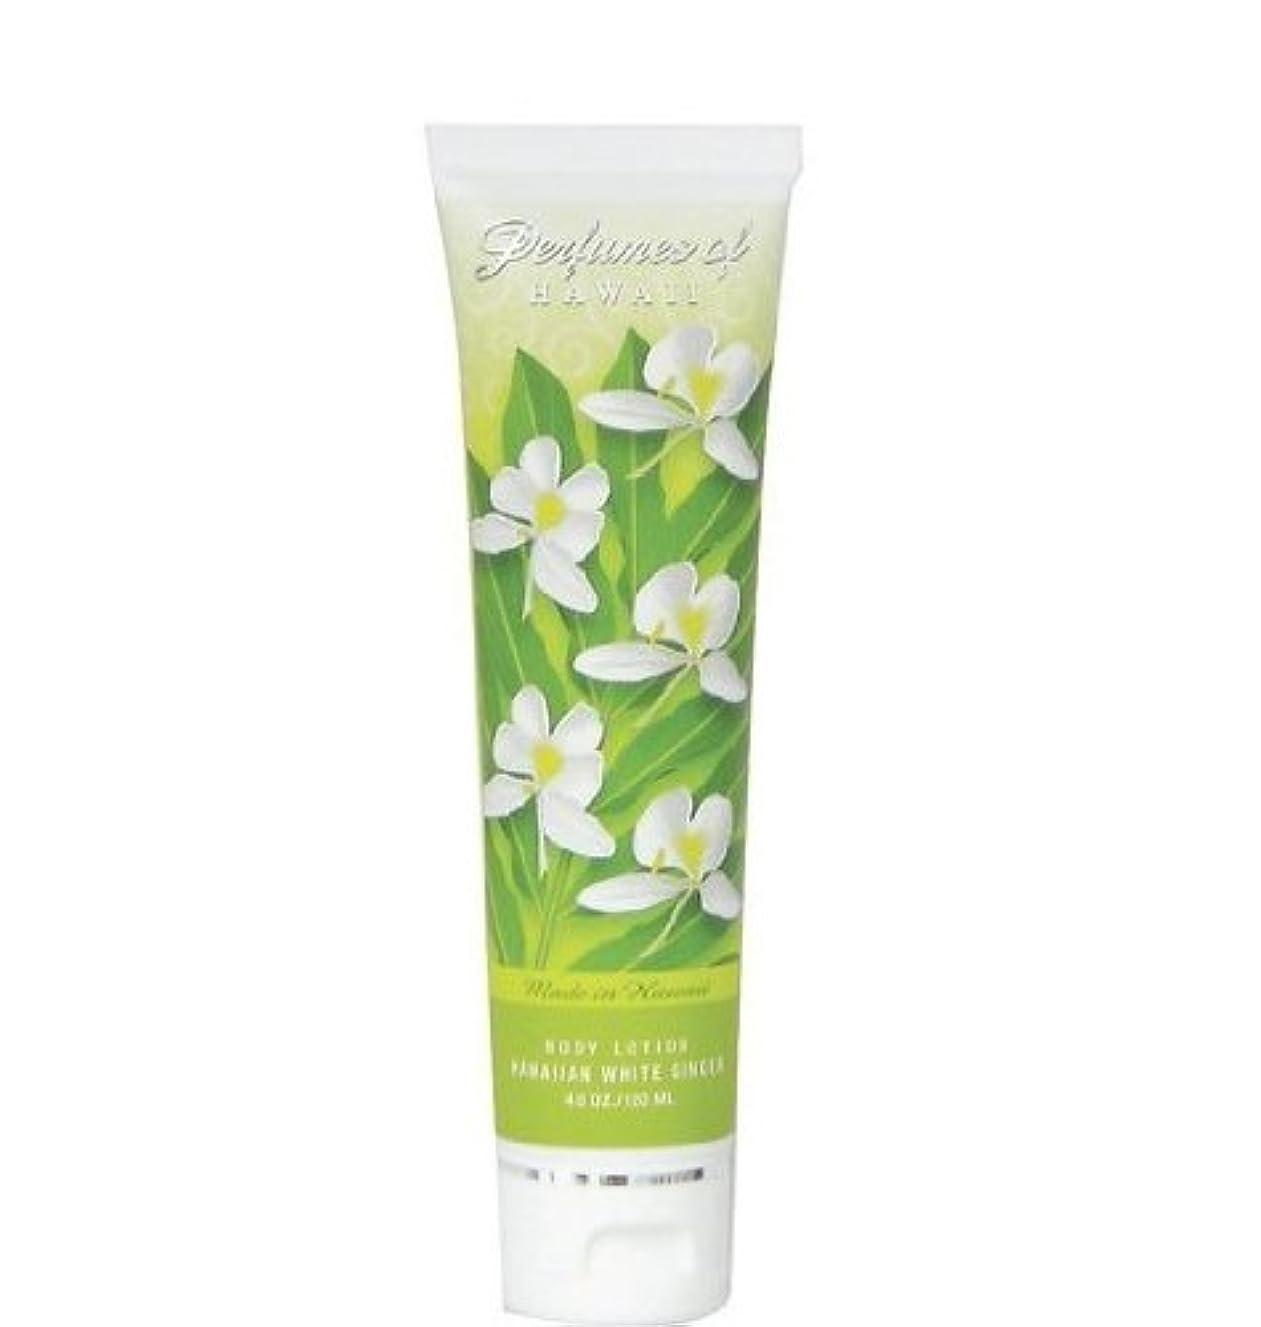 不調和殺人異常【2本セット】ハワイ】ホワイトジンジャーボディーローション Hawaiian White Ginger Body Lotion - 4.0 Oz - Perfumes of Hawaii 海外直送品